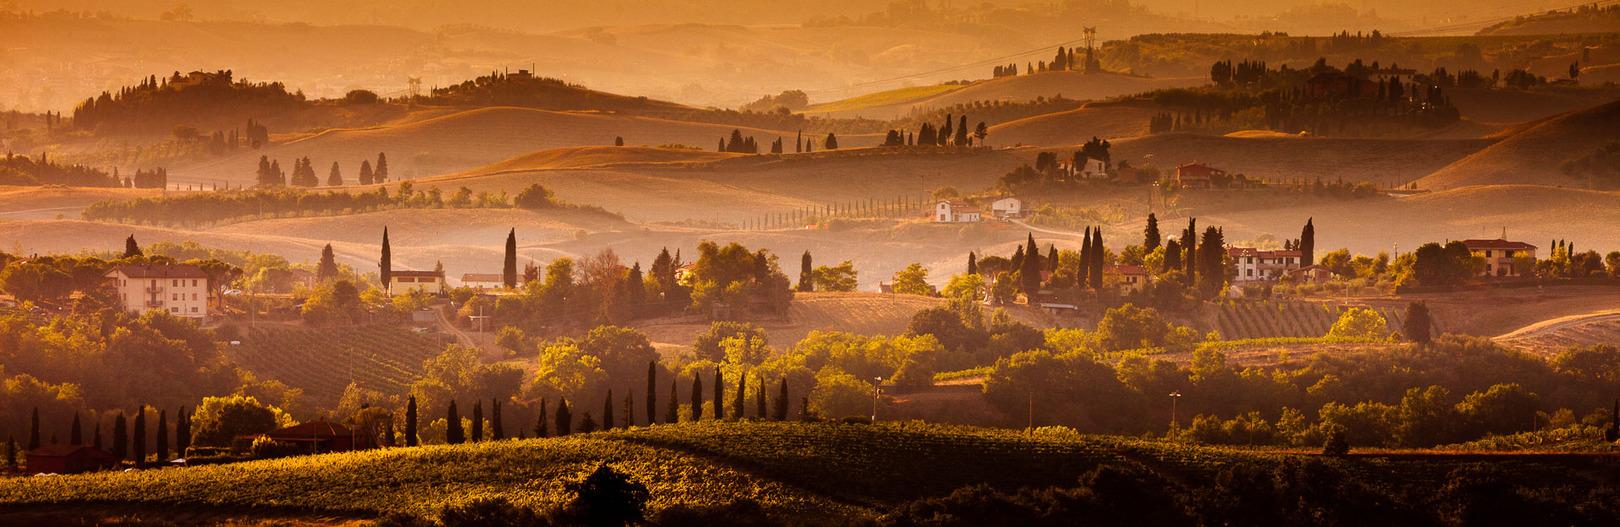 Reviews fotoapparatuur landschapsfotografie - Een gouden zonsondergang over het Toscaanse landschap